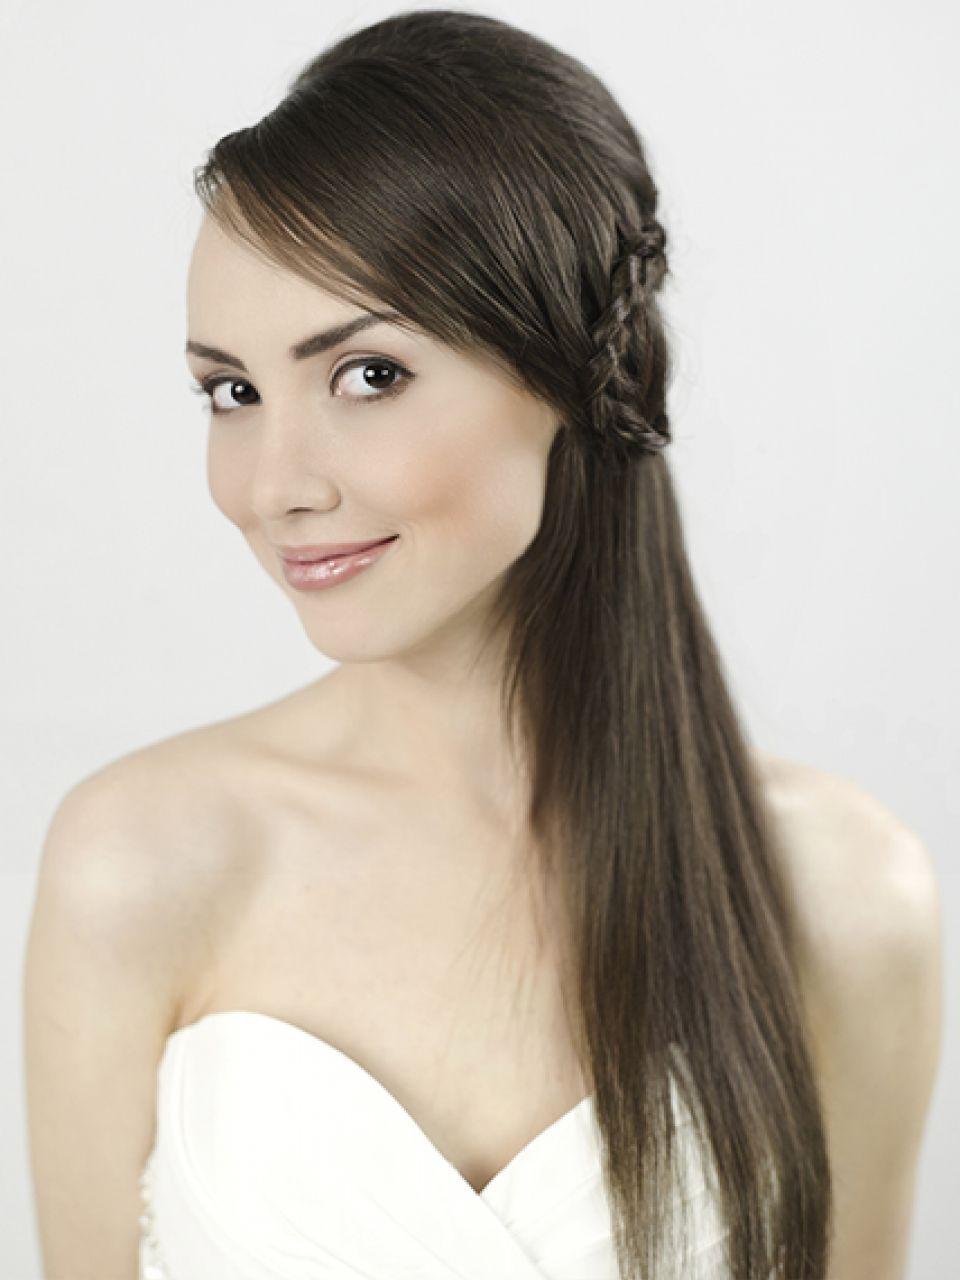 Brautfrisuren 2014  die Mrchenhochzeit  Friseurcom